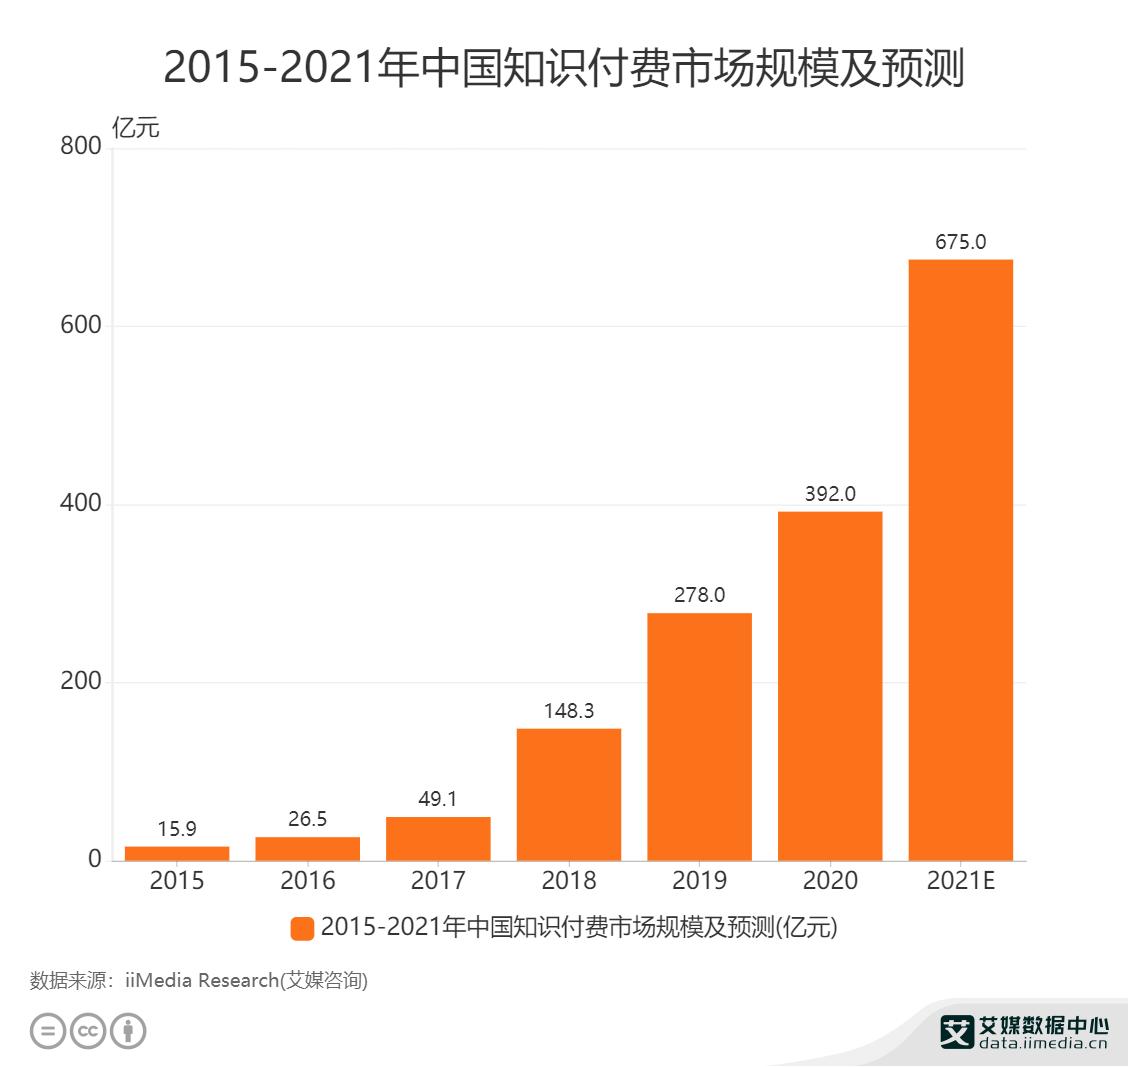 2015-2021年中国知识付费市场规模及预测